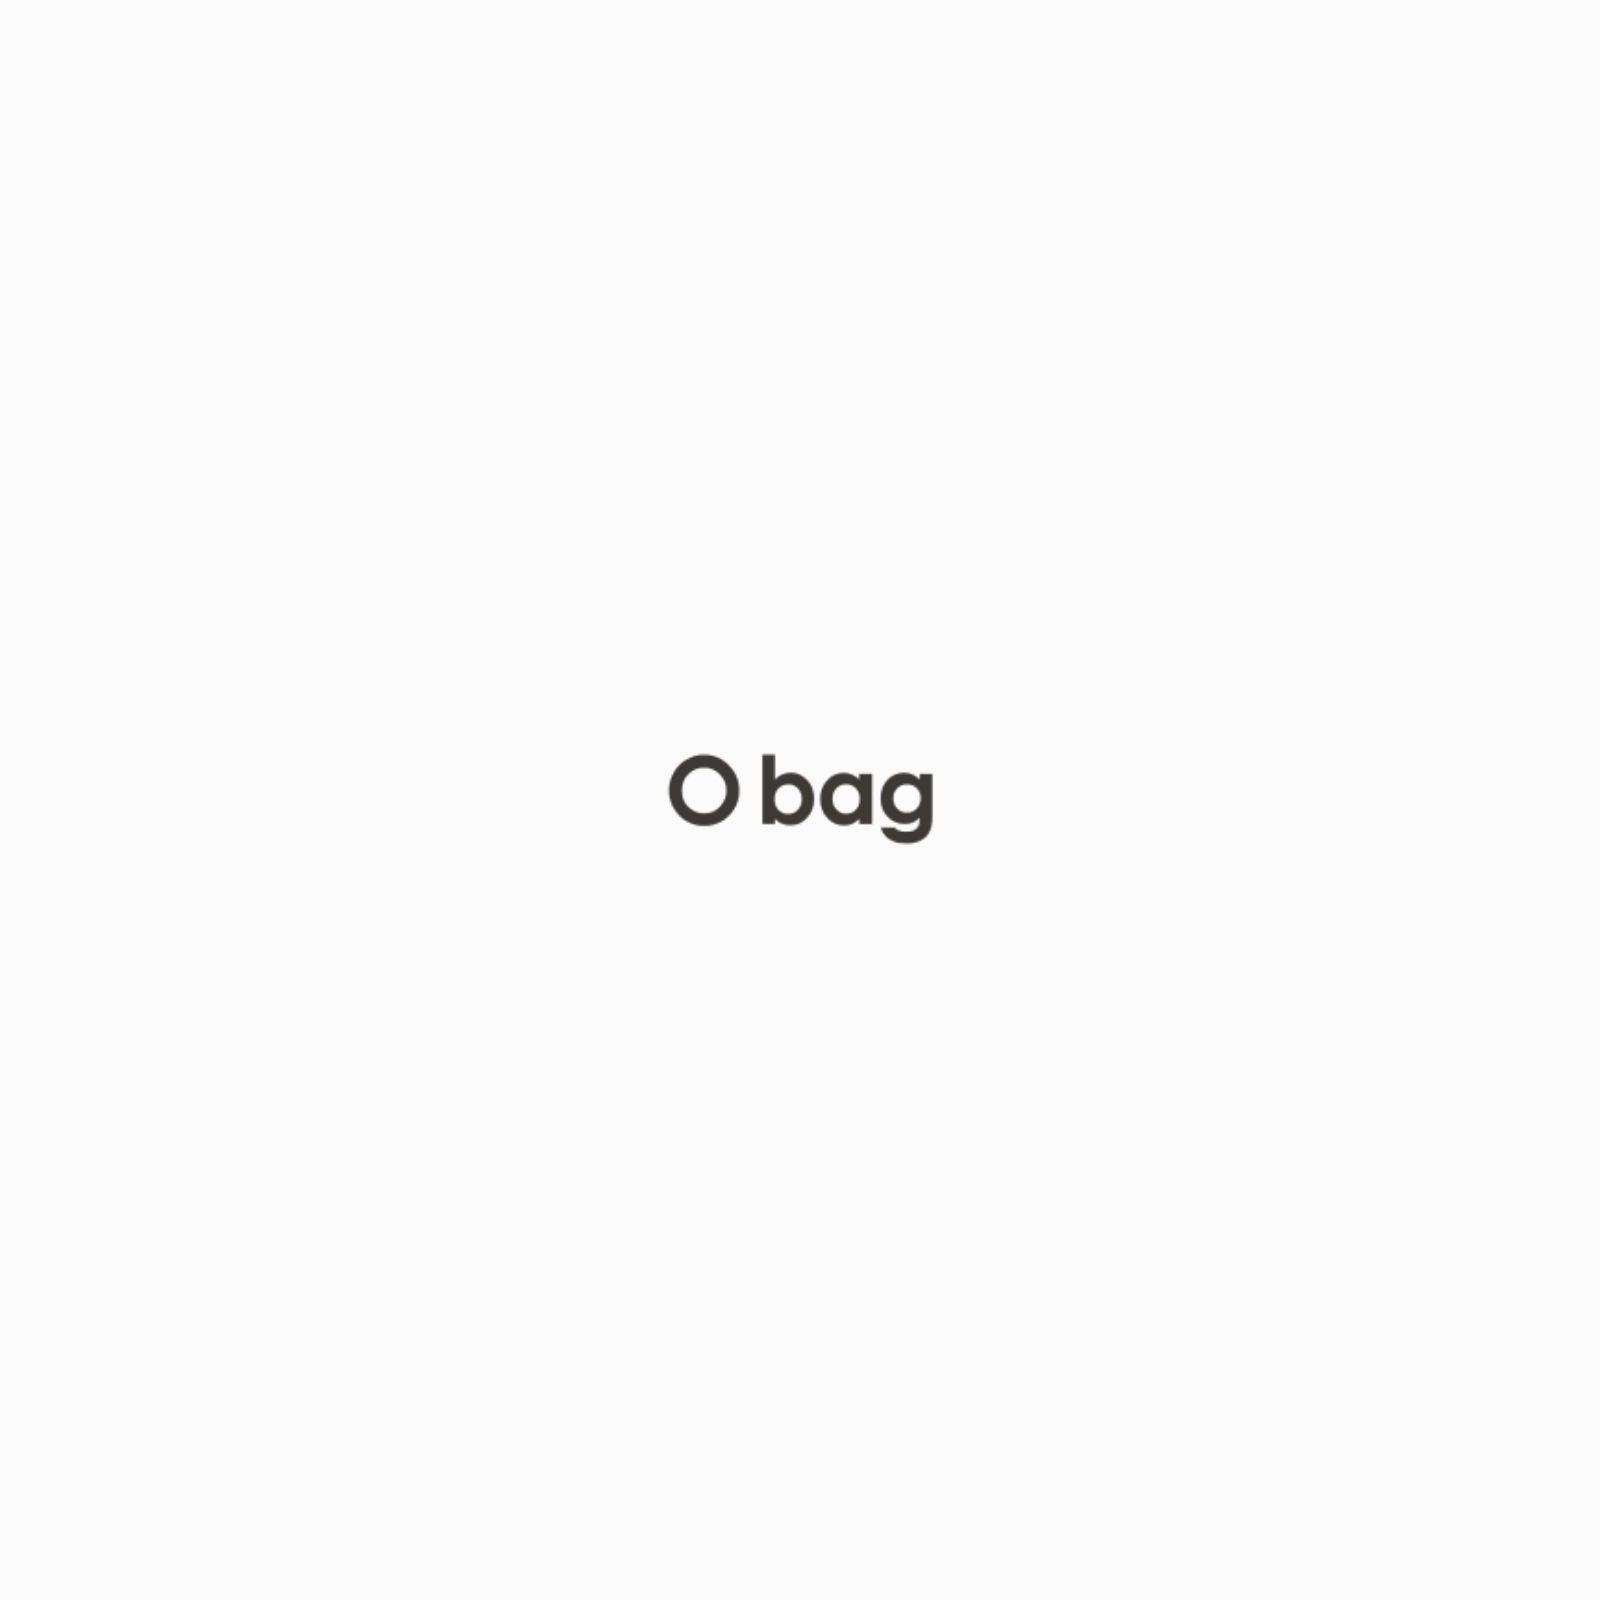 2ca7a0e11f O bag O bag .sacca interna microfibra - O bag - borse